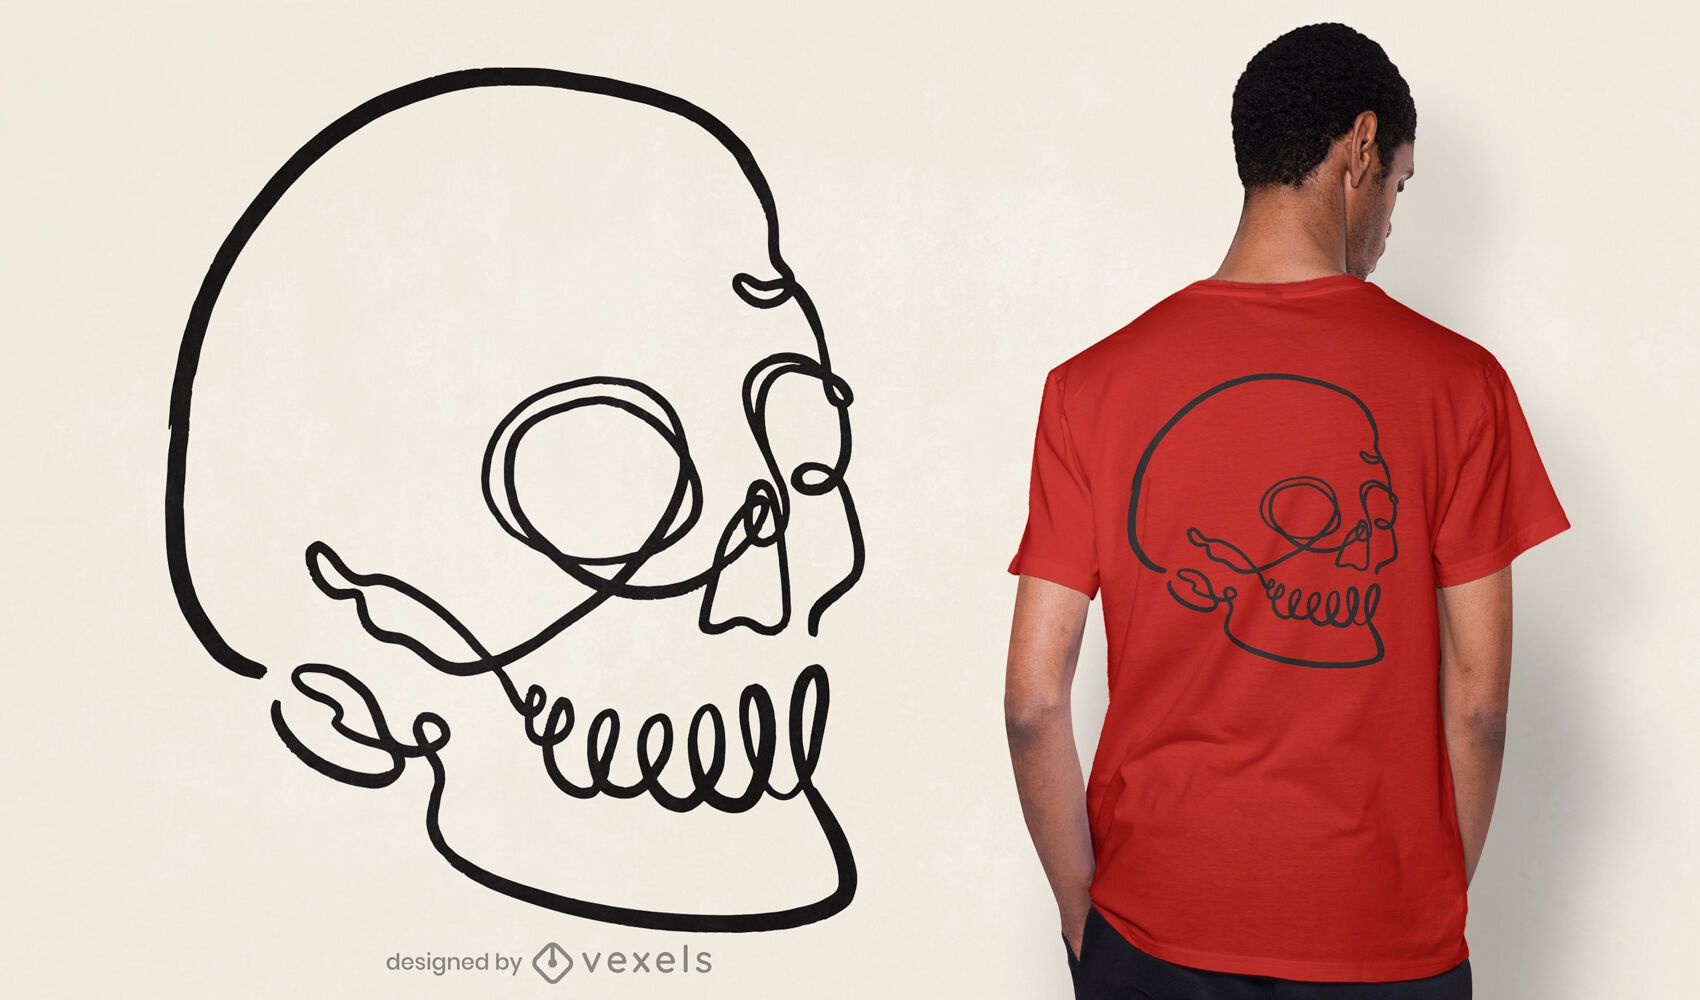 Line art skull t-shirt design